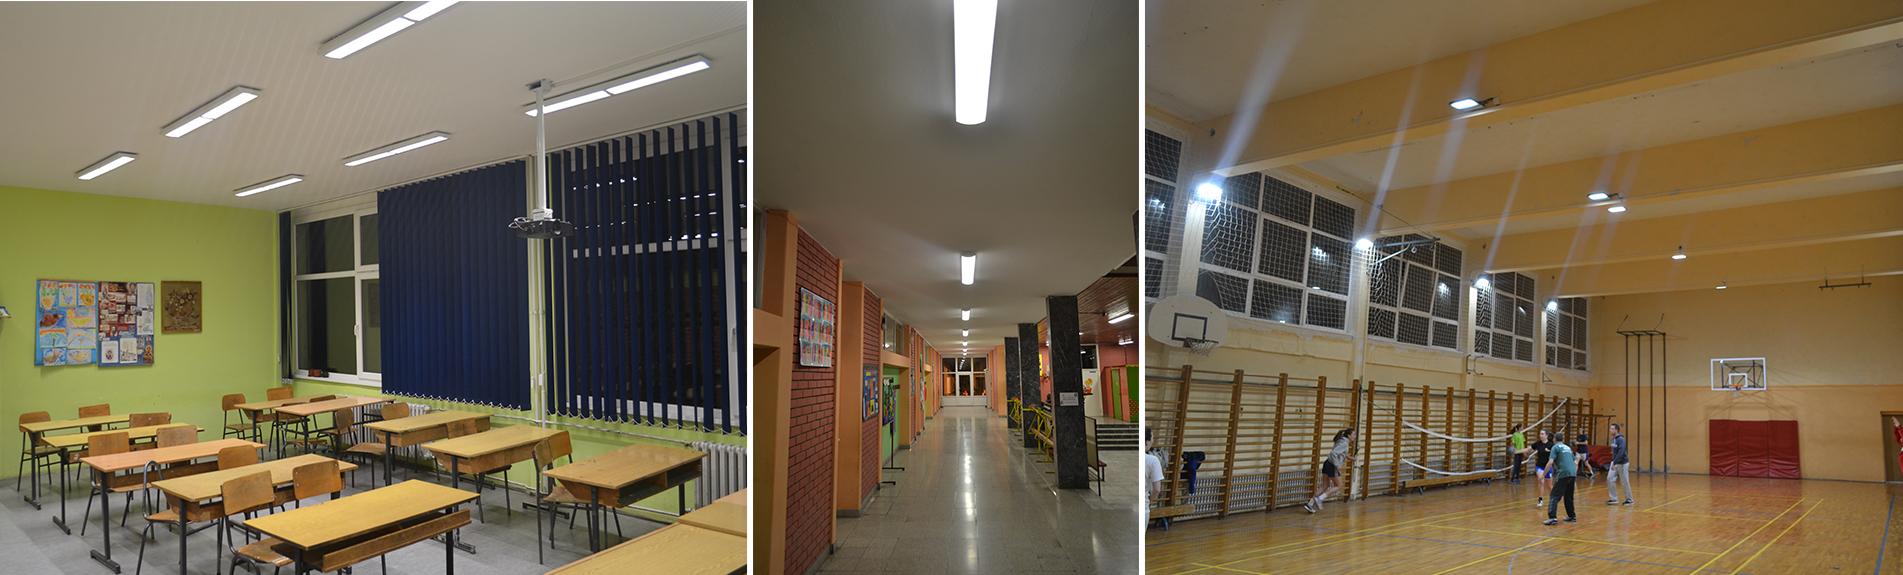 srpska-crnja-skola